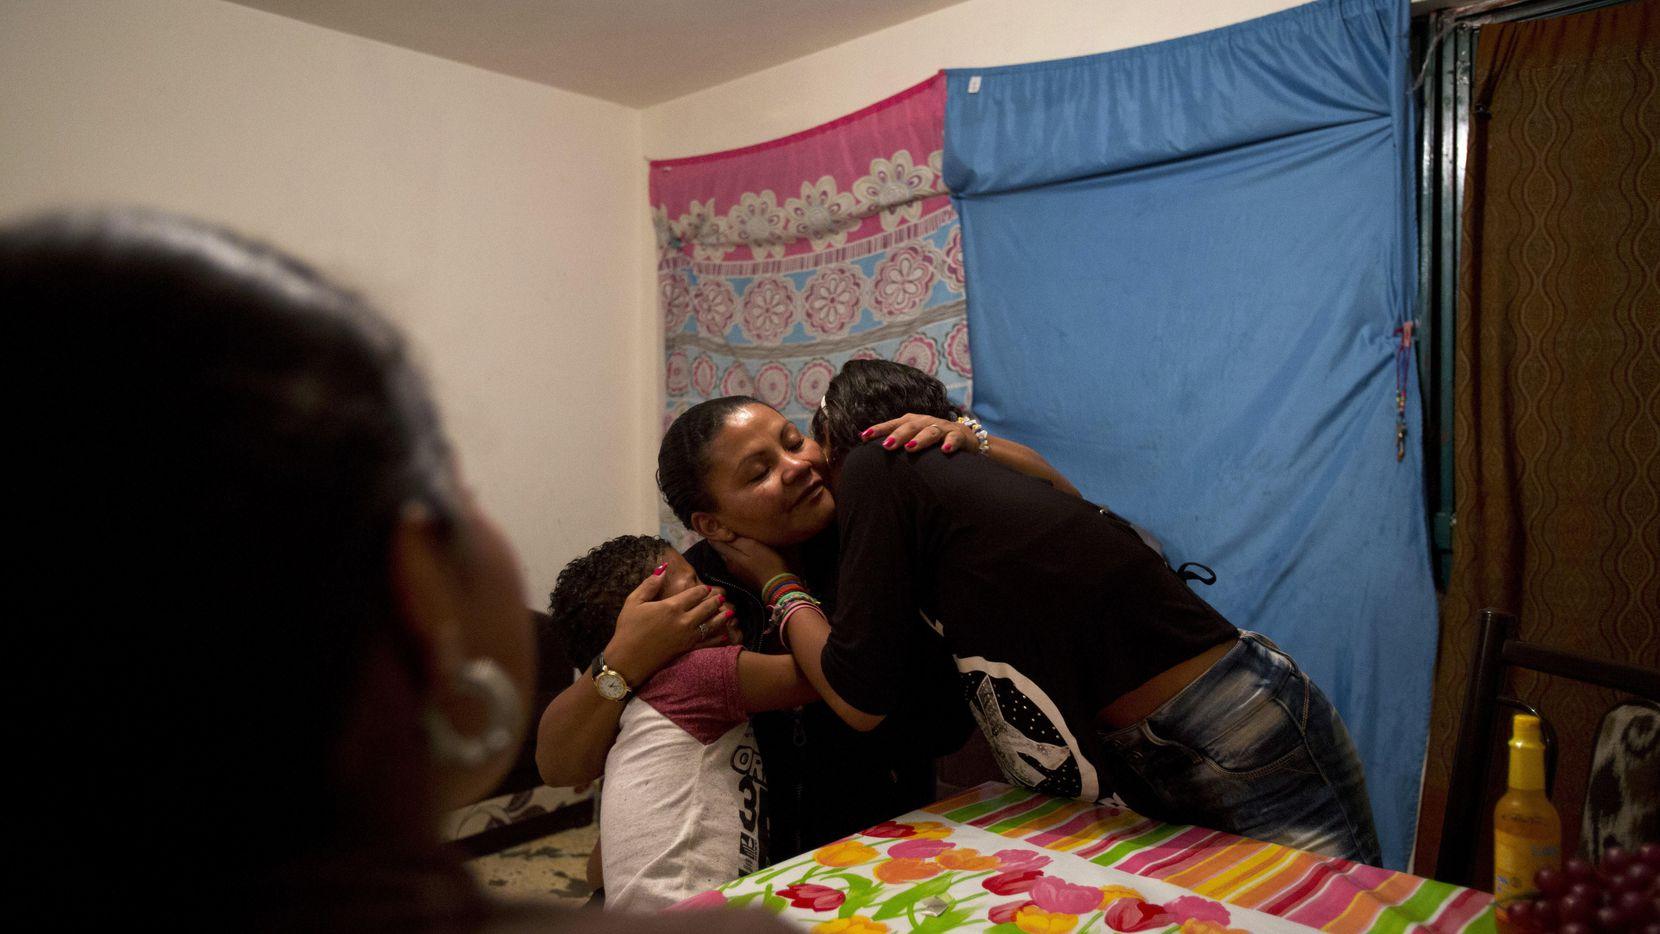 La refugiada hondureña Laura María Cruz Martínez recibe un abrazo de sus hijos Ruth, de 12 años, y Josué, de siete, tras llorar al escuchar una canción que agradece a una madre soltera por la fortaleza con la que ha educado a sus hijos. Cruz se encarga de sus tres hijos sola y también es una madre para que su sobrina adolescente. La mujer huyó de Honduras junto con otra madre soltera y nueve niños después de recibir amenazas de pandilleros (AP/REBECCA BLACKWELL)